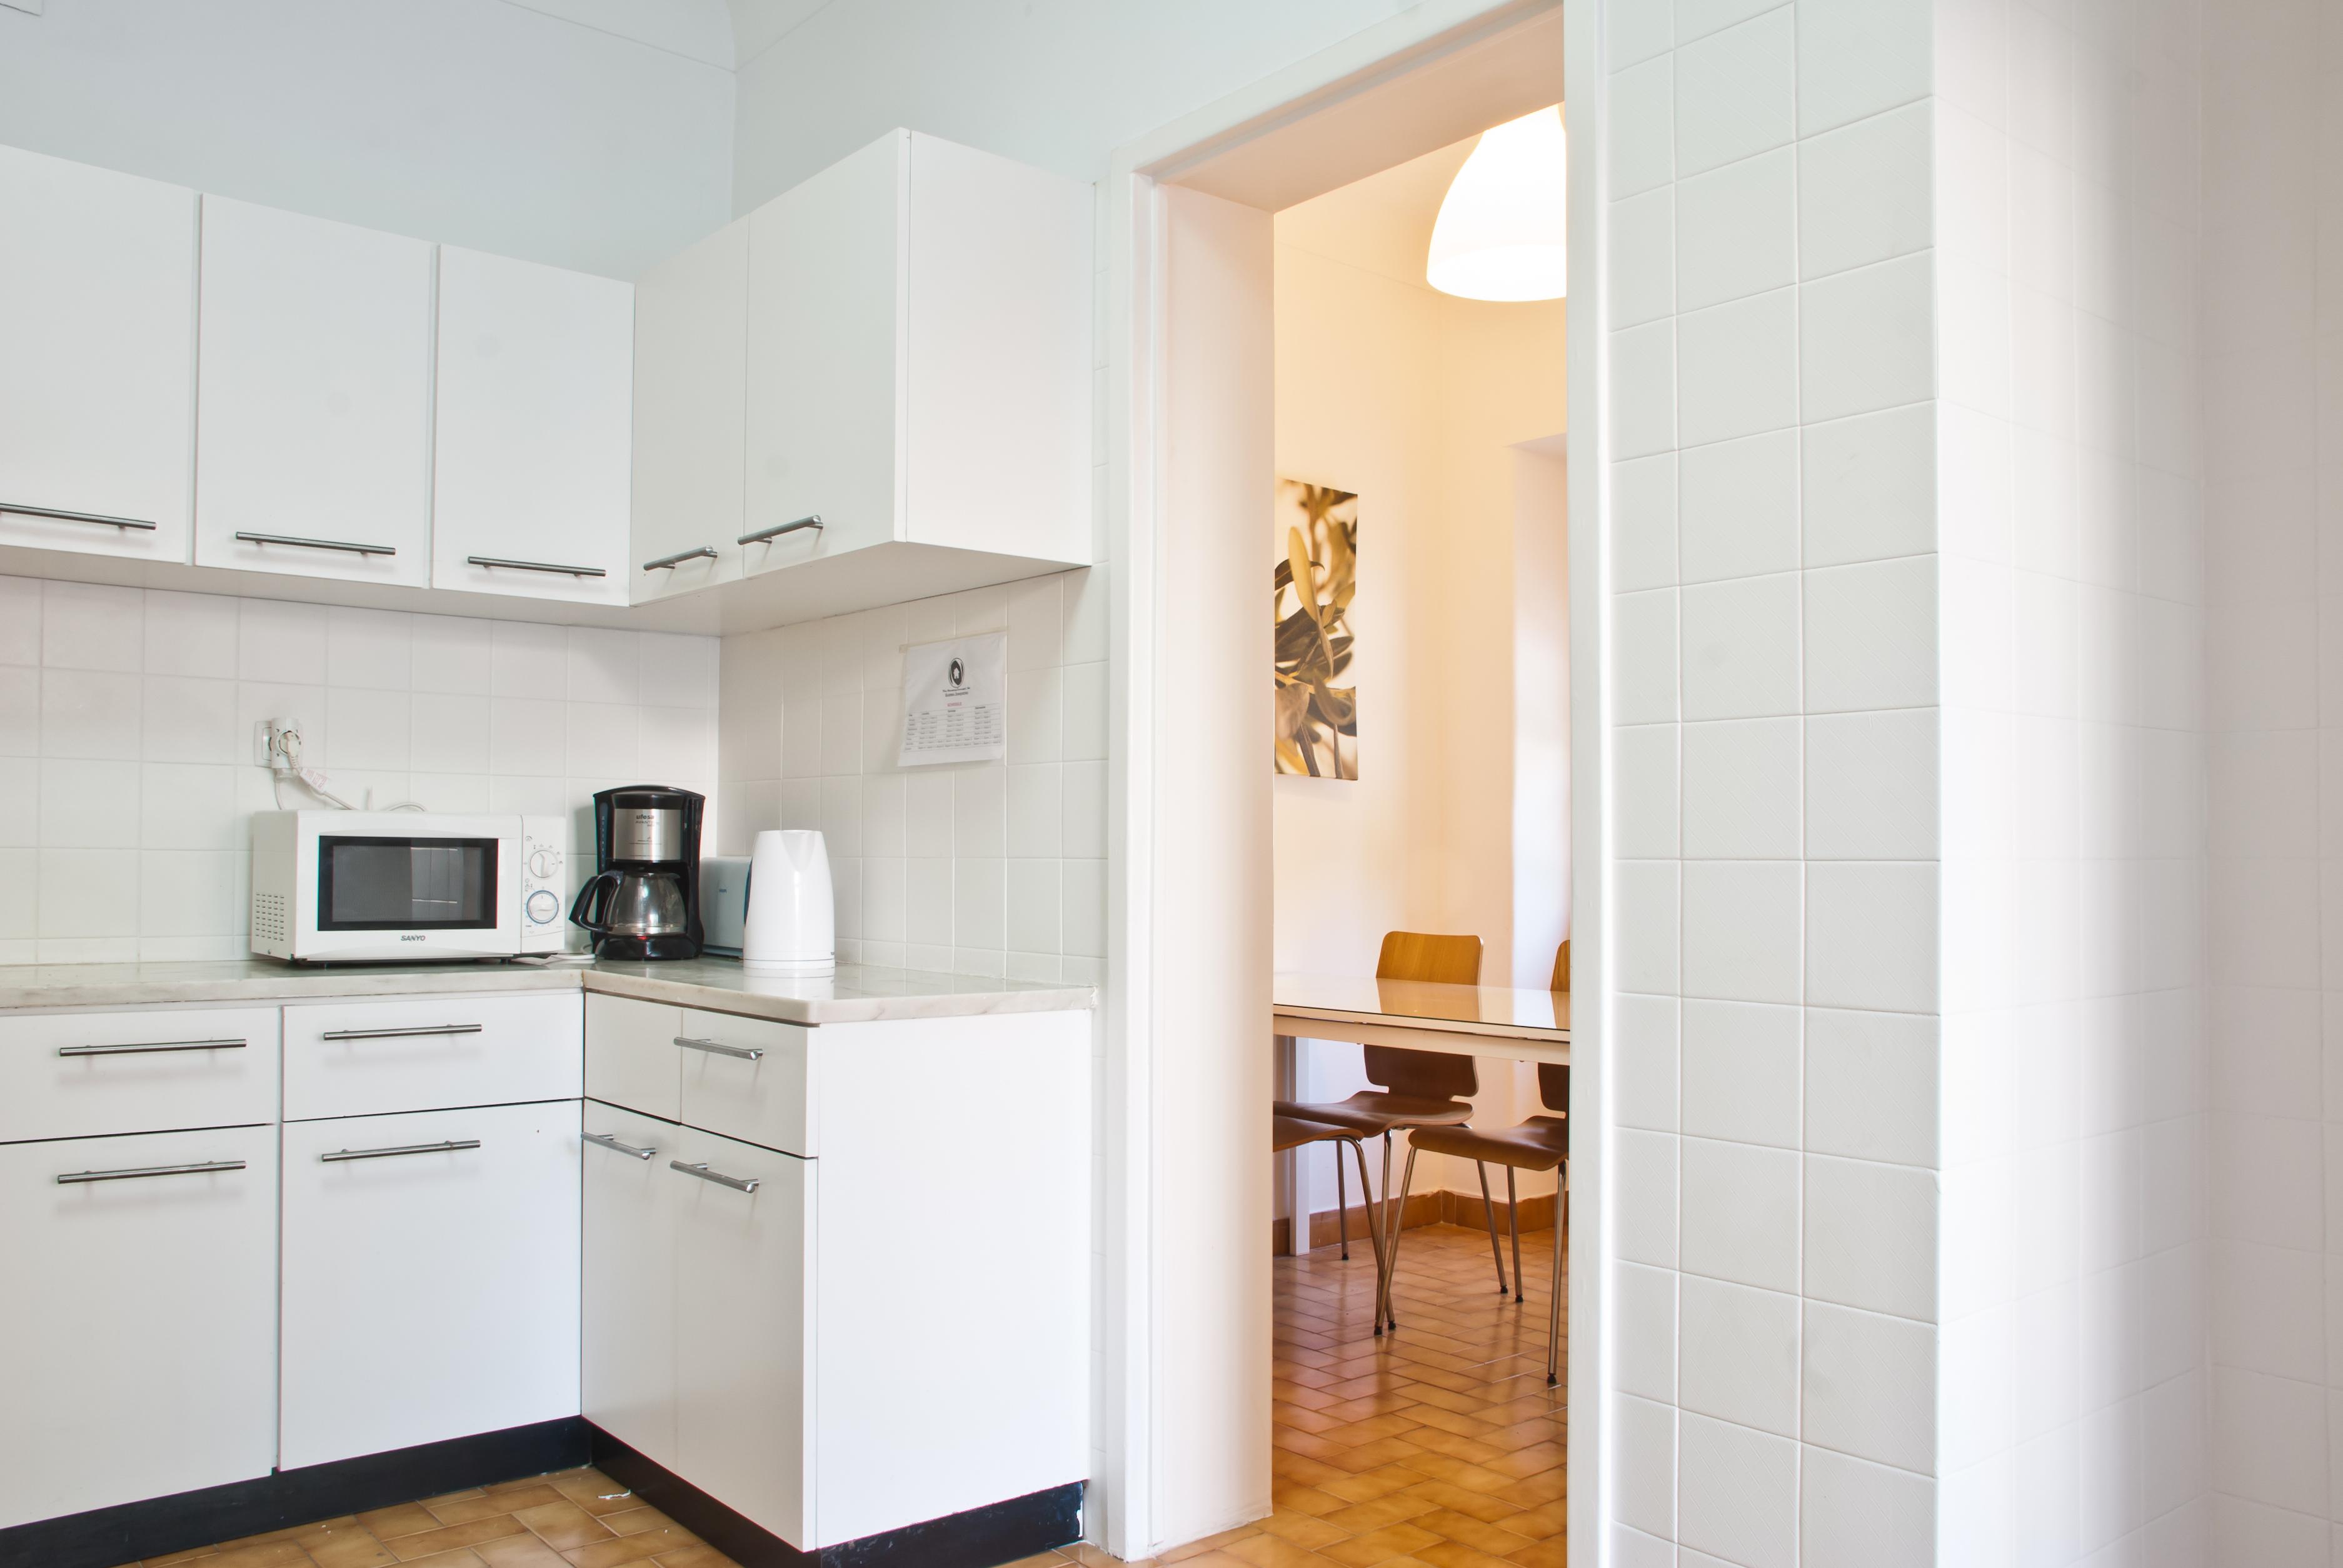 GJ - Kitchen - Foto 3.jpg